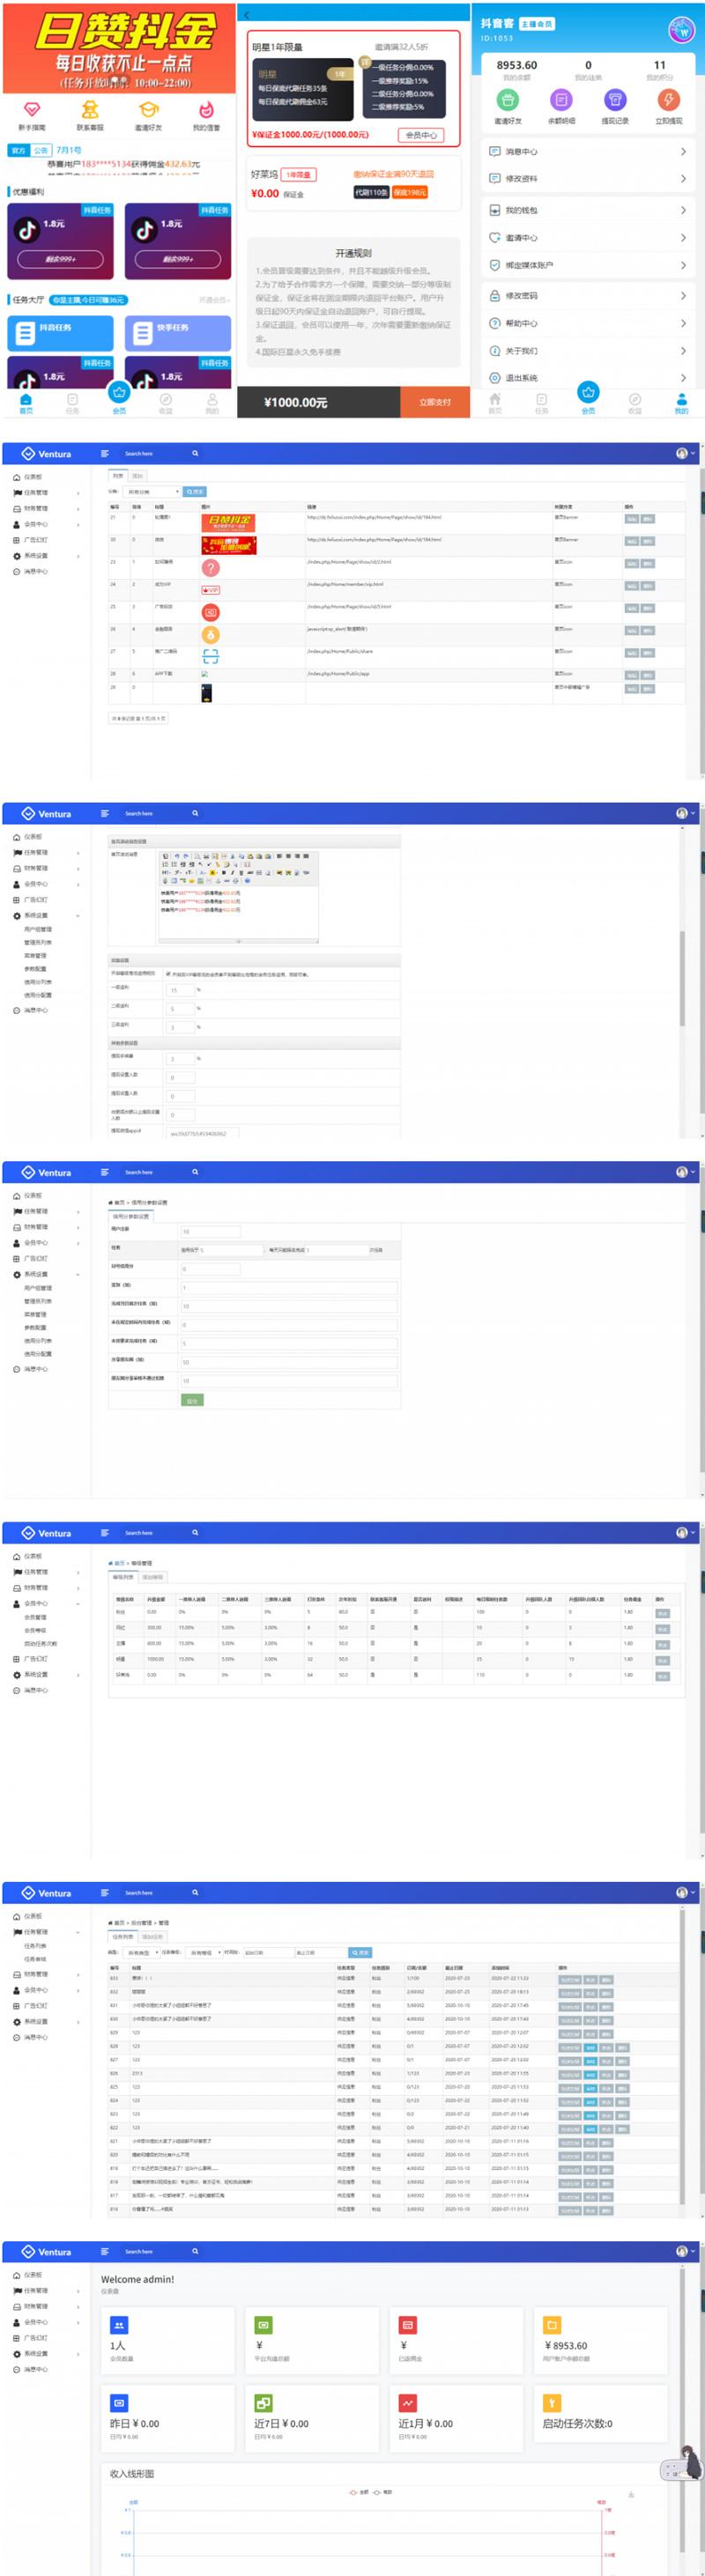 九月最新抖音快手点赞对接短信任务威客兼职网站系统+安装教程-爱资源分享